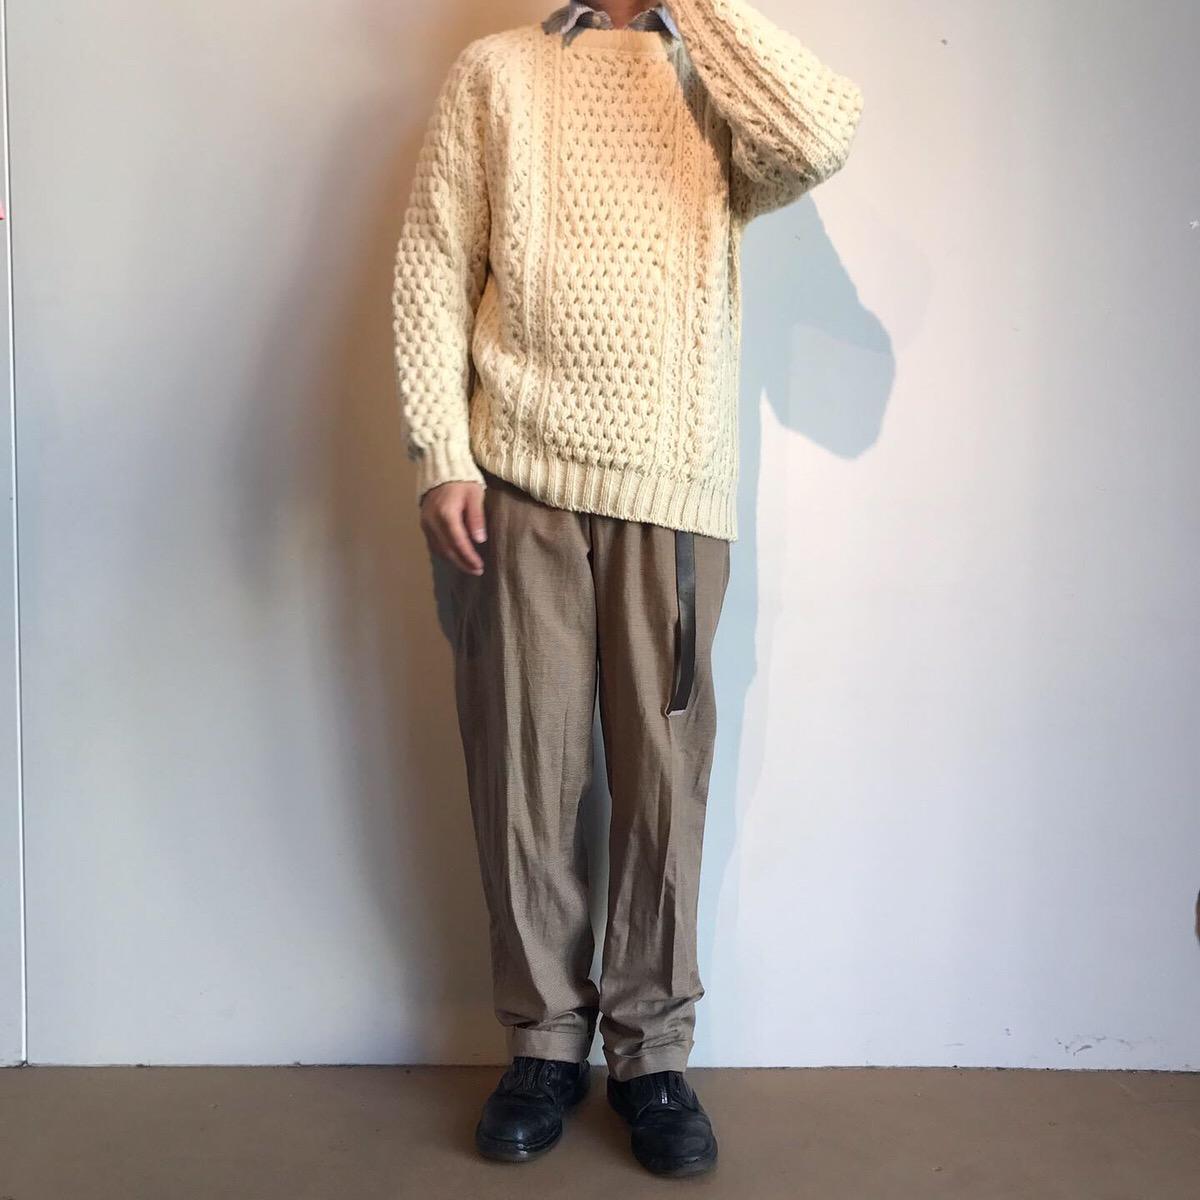 2019年10月14日 | ウールのセーターで暖かく好印象なコーデ